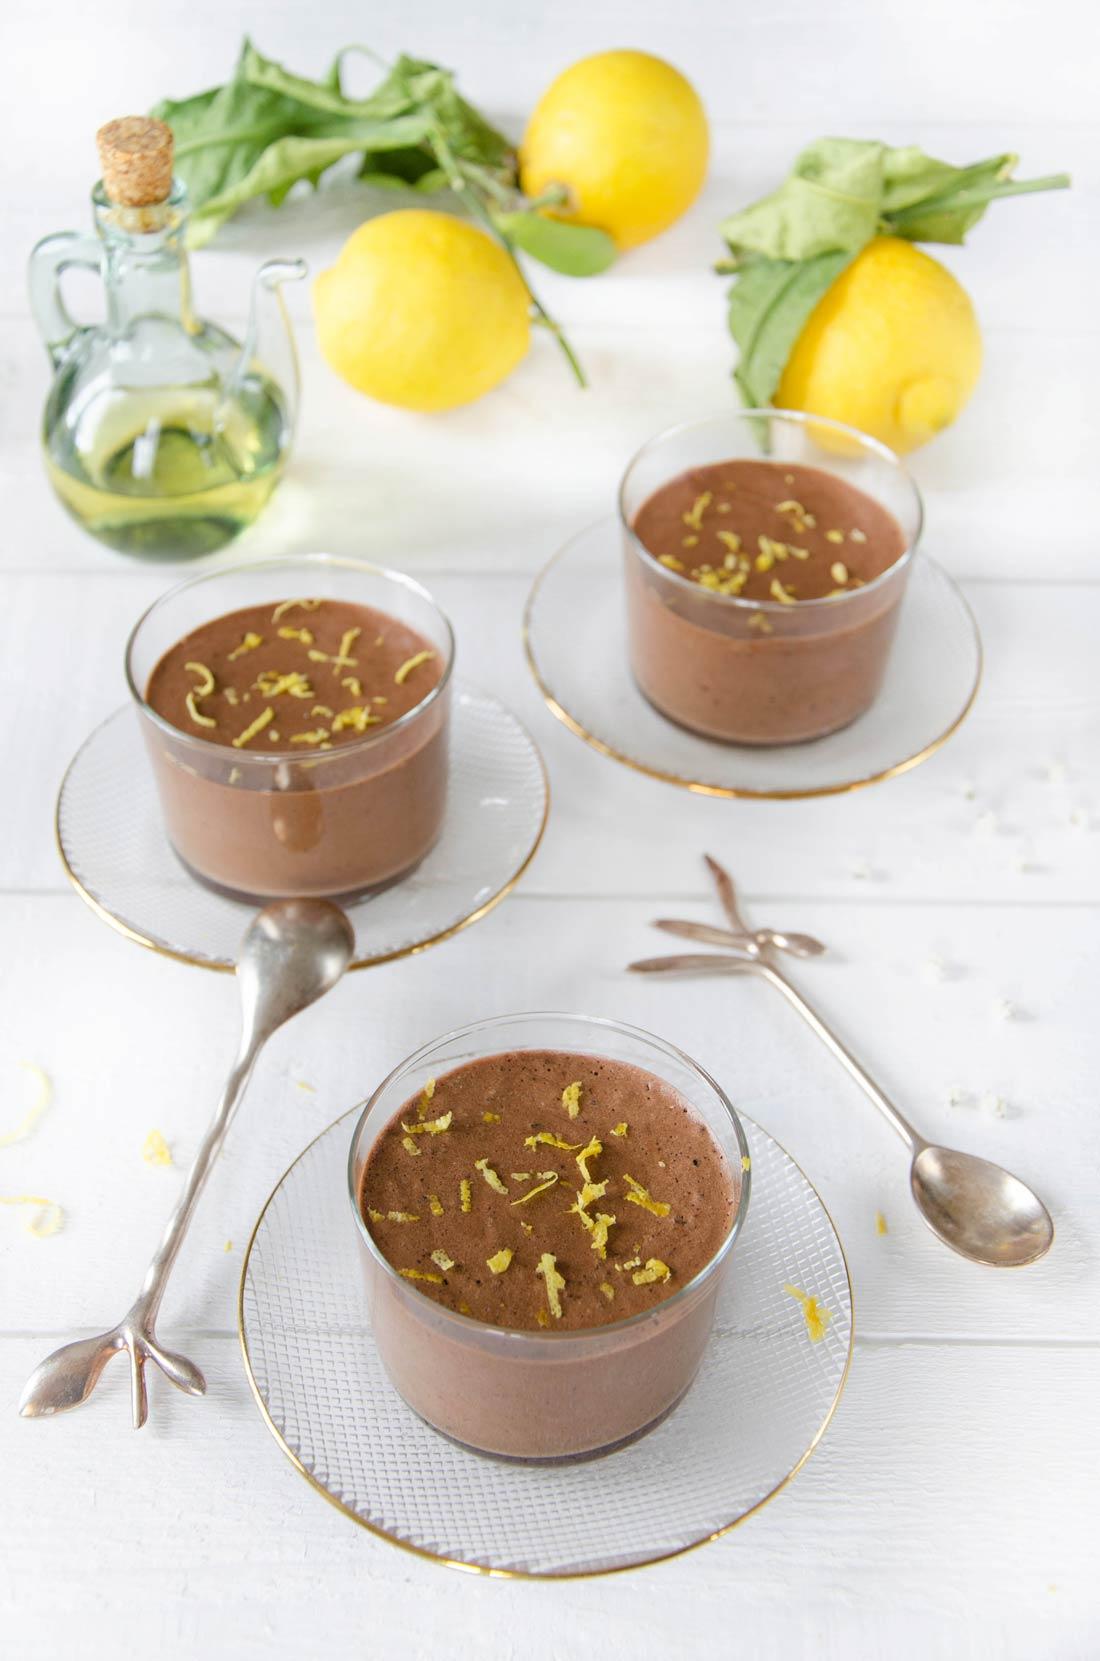 Mousse chocolat citron huile d'olive d'Alain Passard